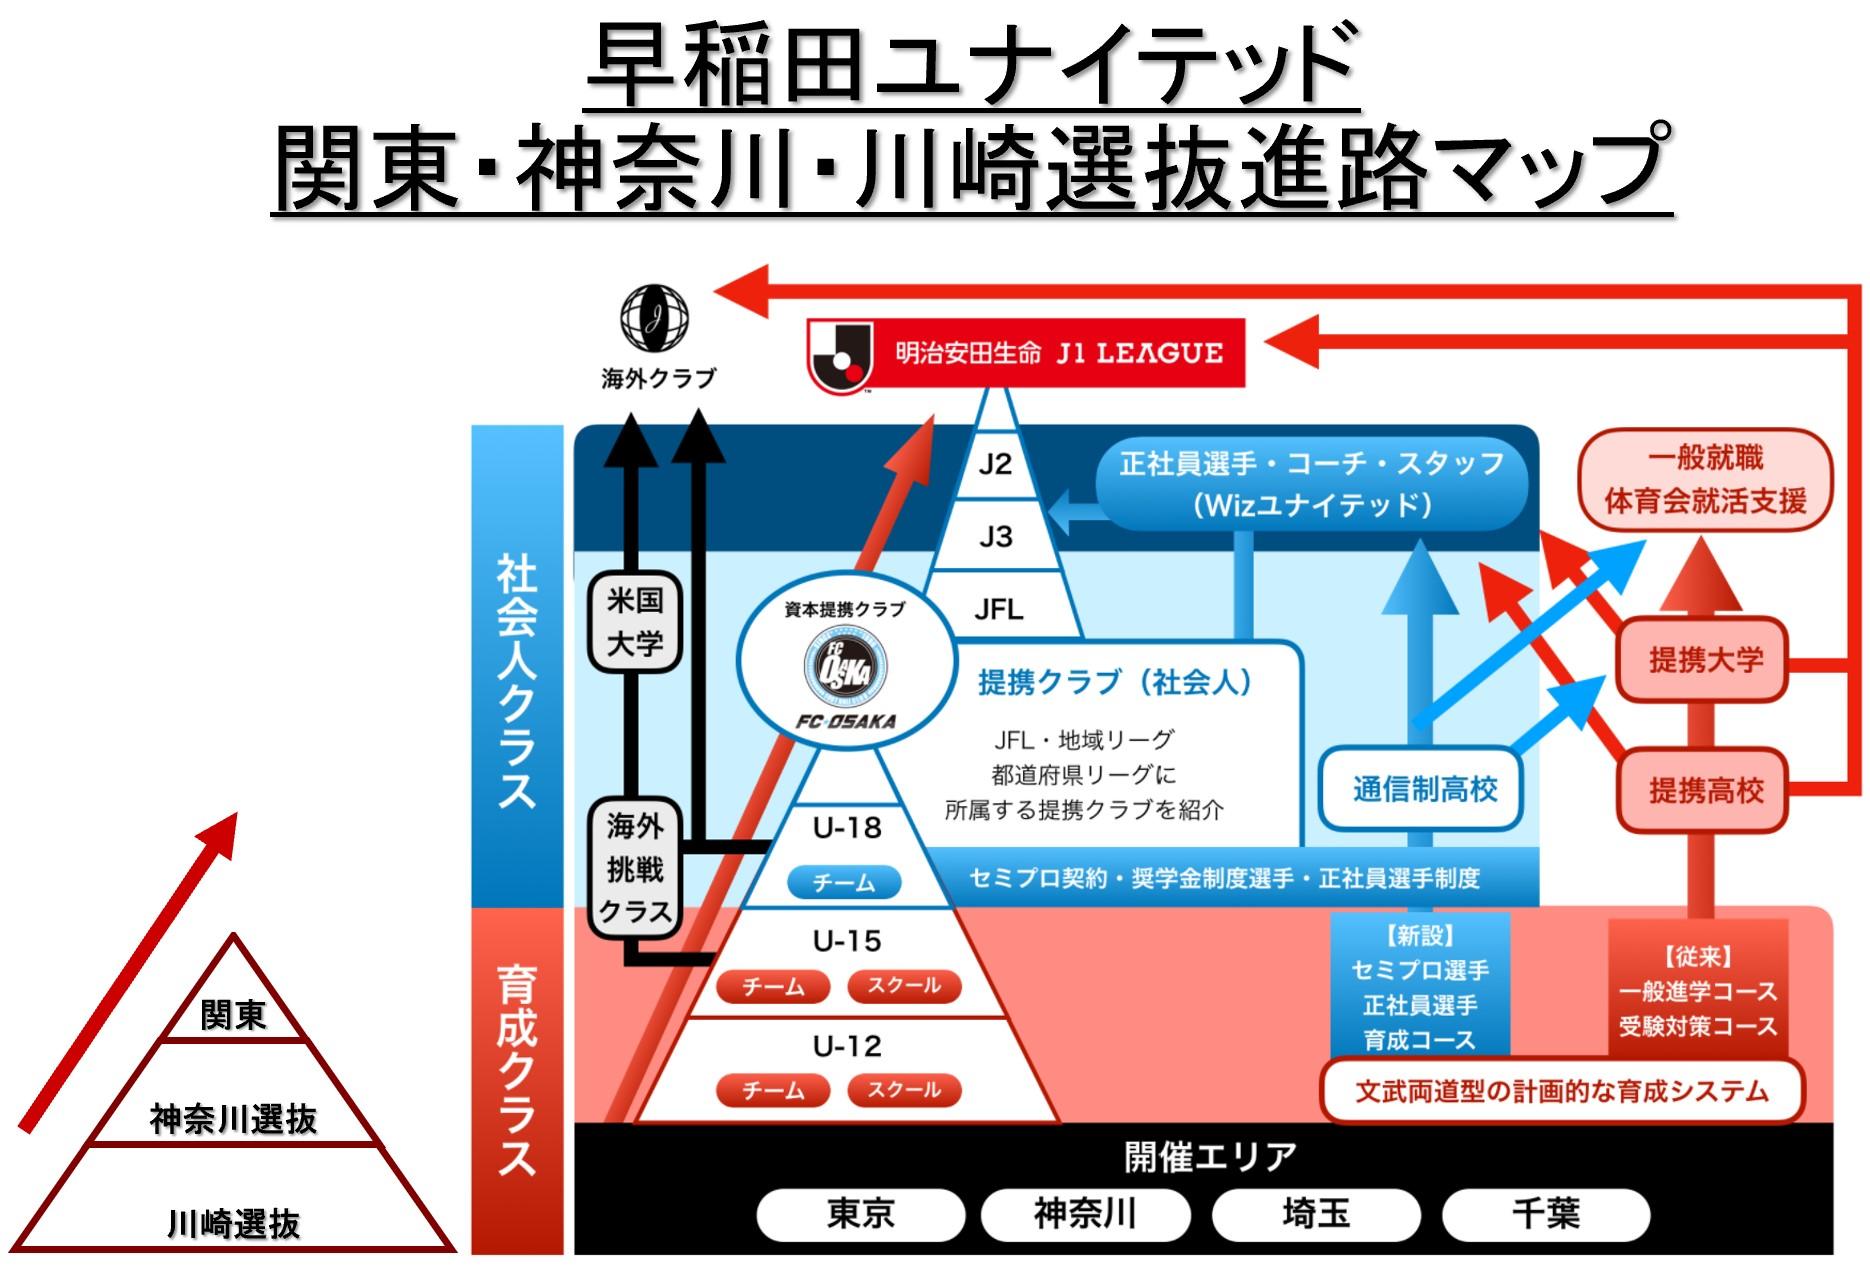 早稲田ユナイテッド関東・神奈川・川崎選抜進路マップ